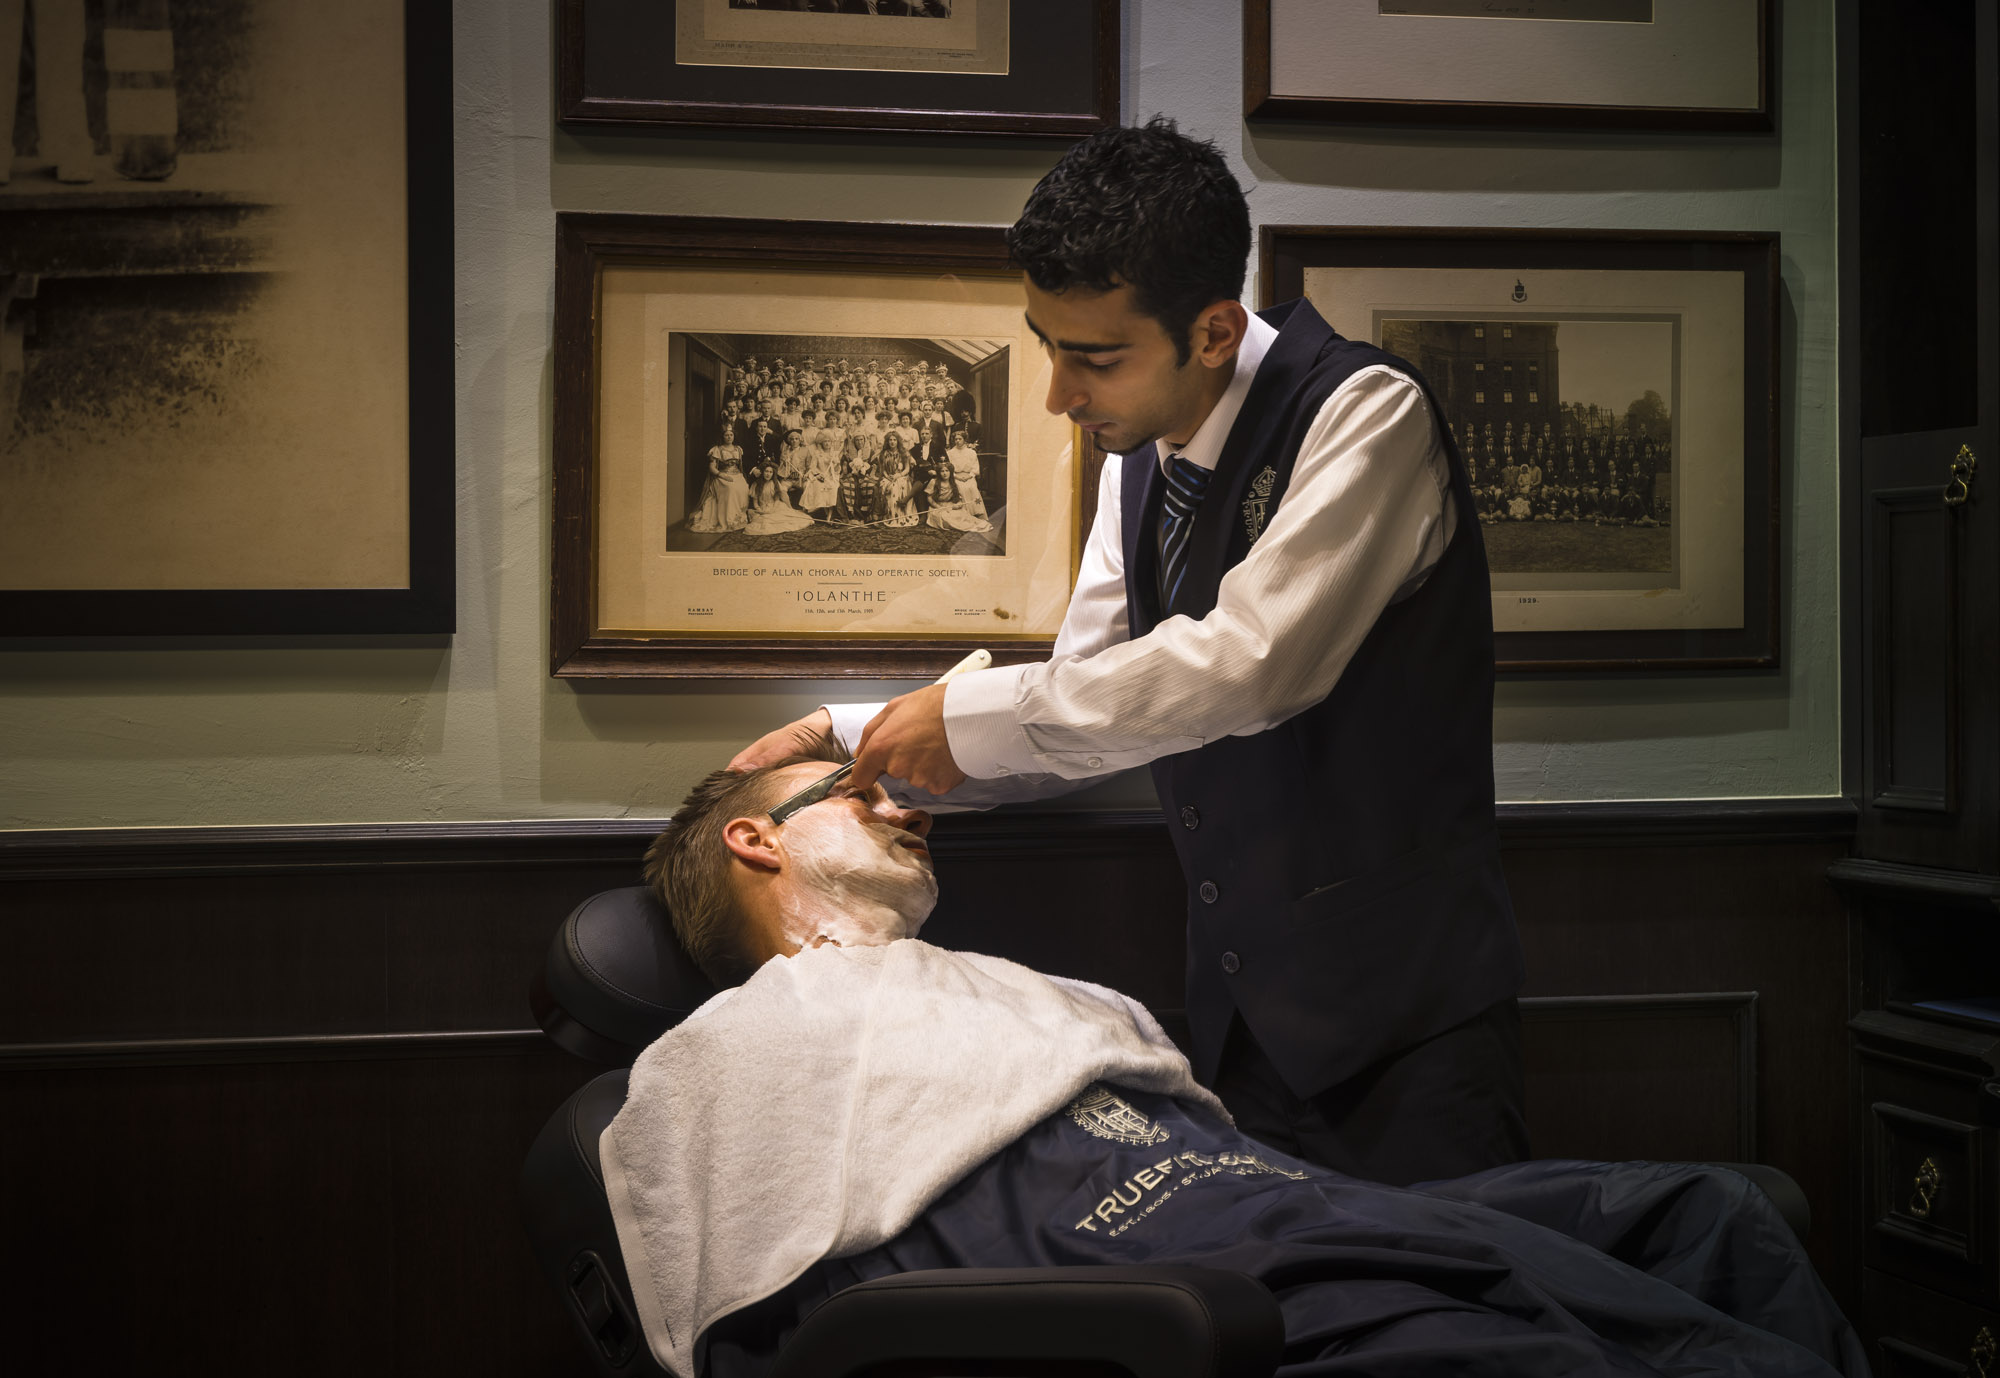 Grooming services at Truefitt & Hill